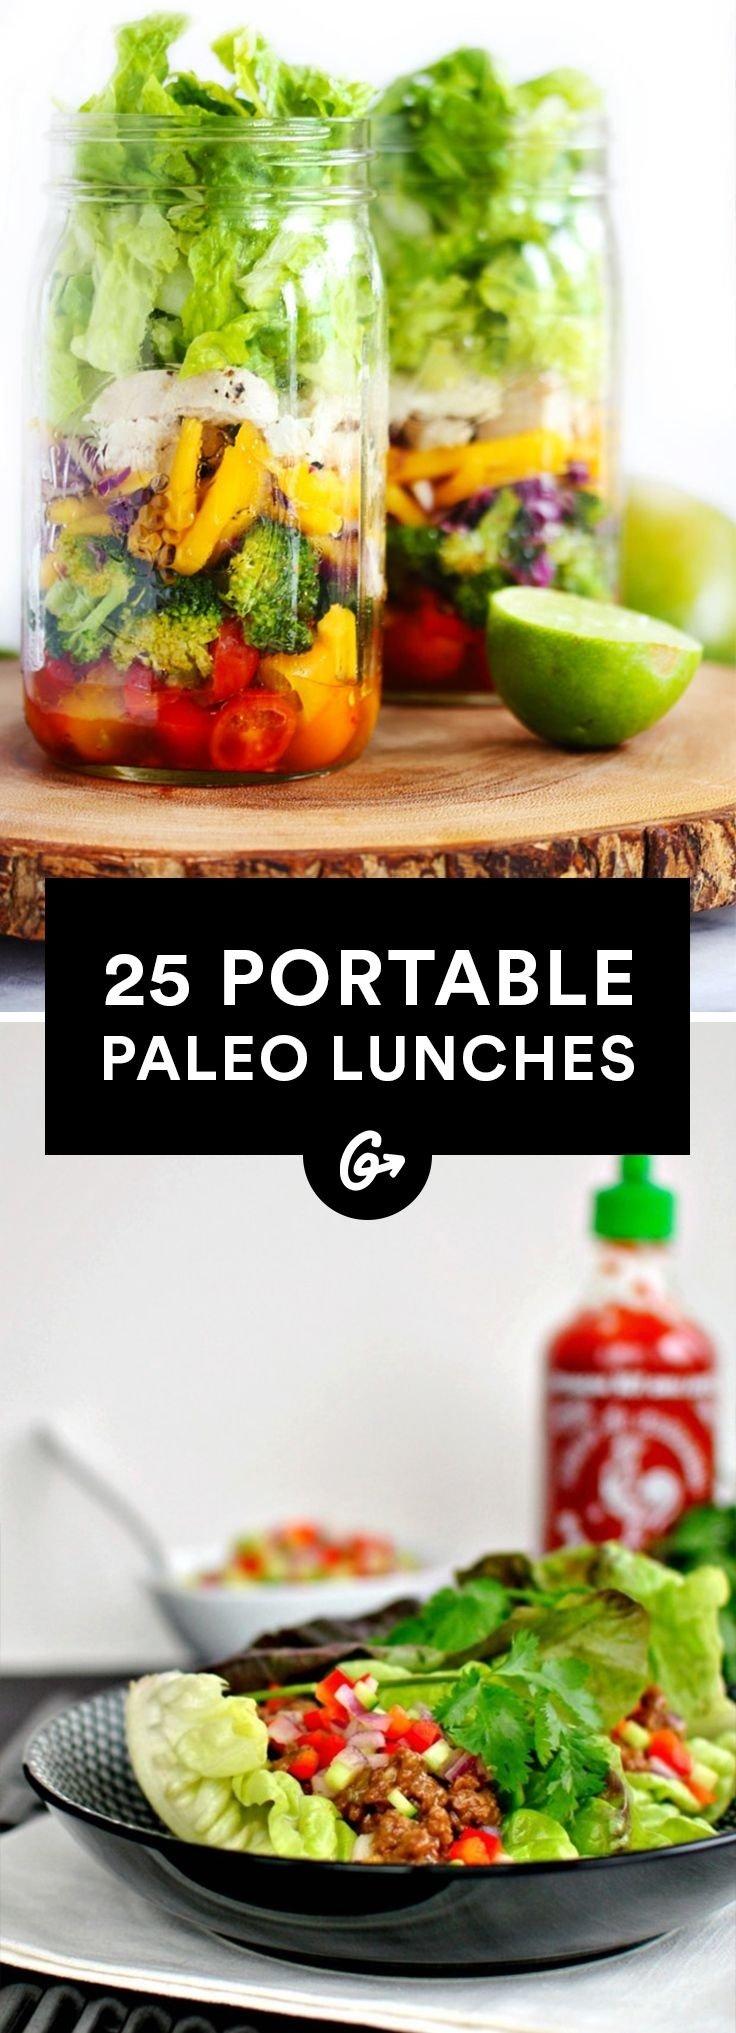 10 Best Paleo Lunch Ideas At Work 25 essential paleo lunch recipes paleo lunch recipes brown bags 1